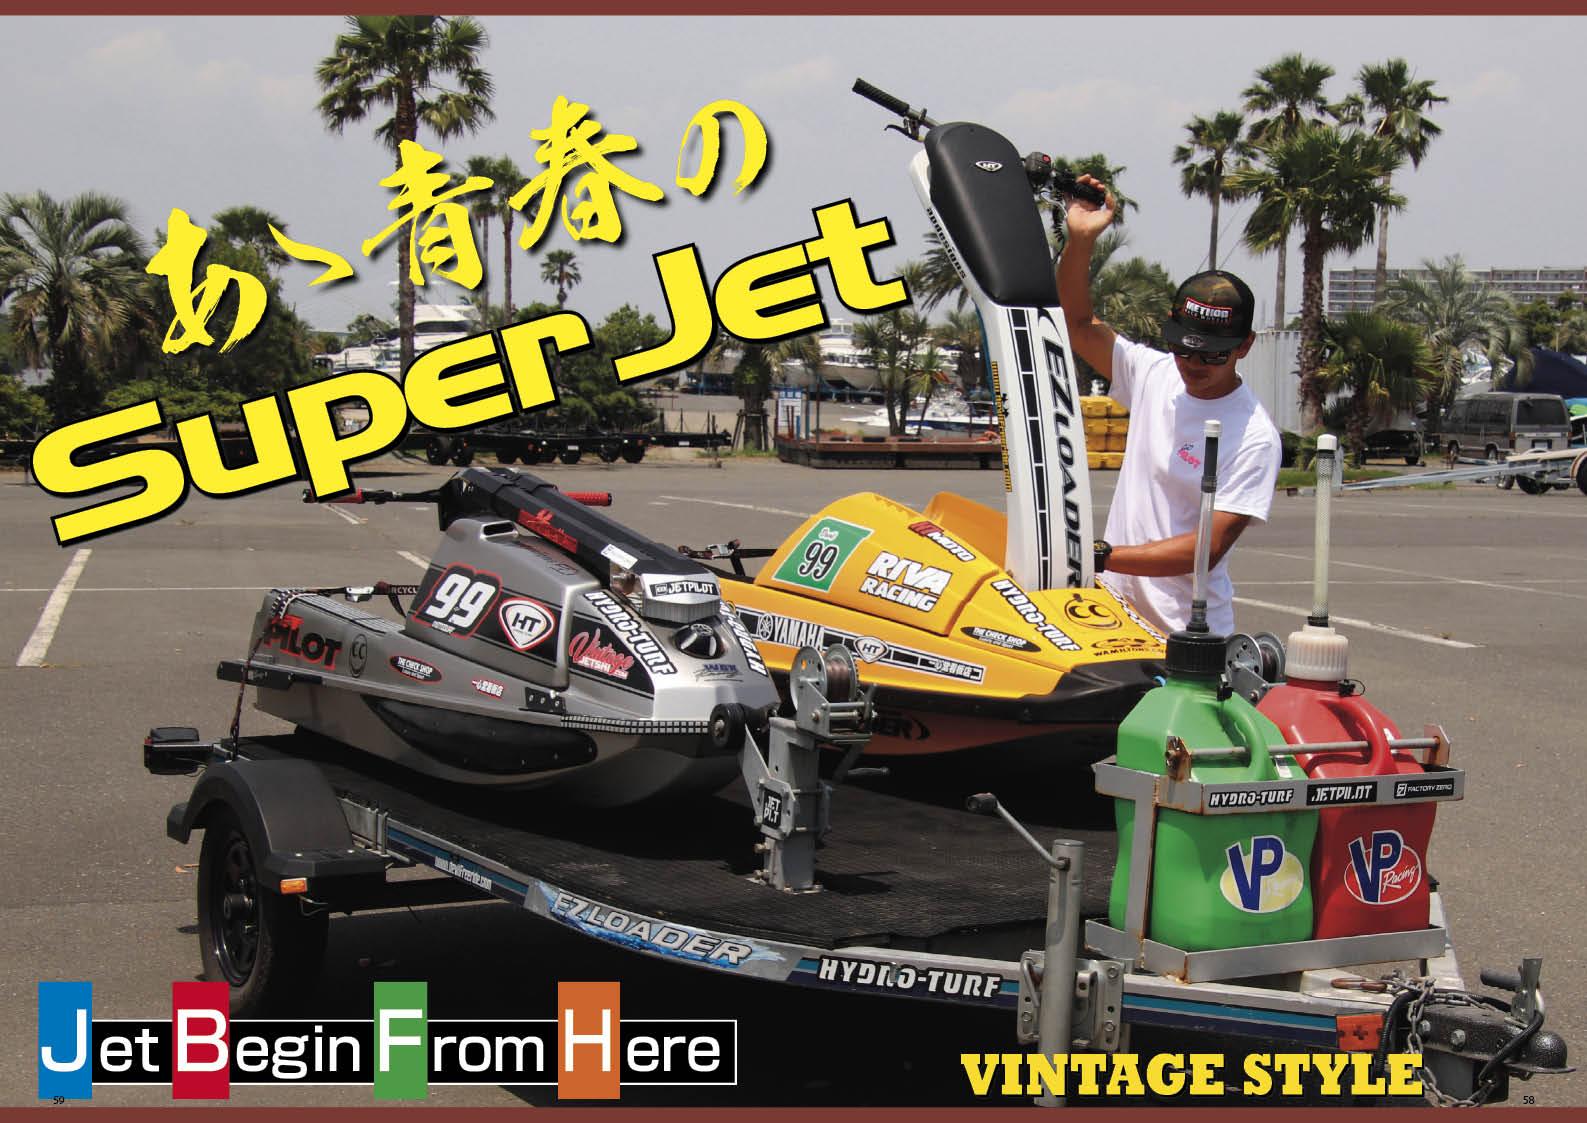 「スーパージェット」が、世界中であれだけ売れた理由 ワールドジェットスポーツマガジン「2020年7月号」で確認してください  ジェットスキー(水上バイク)